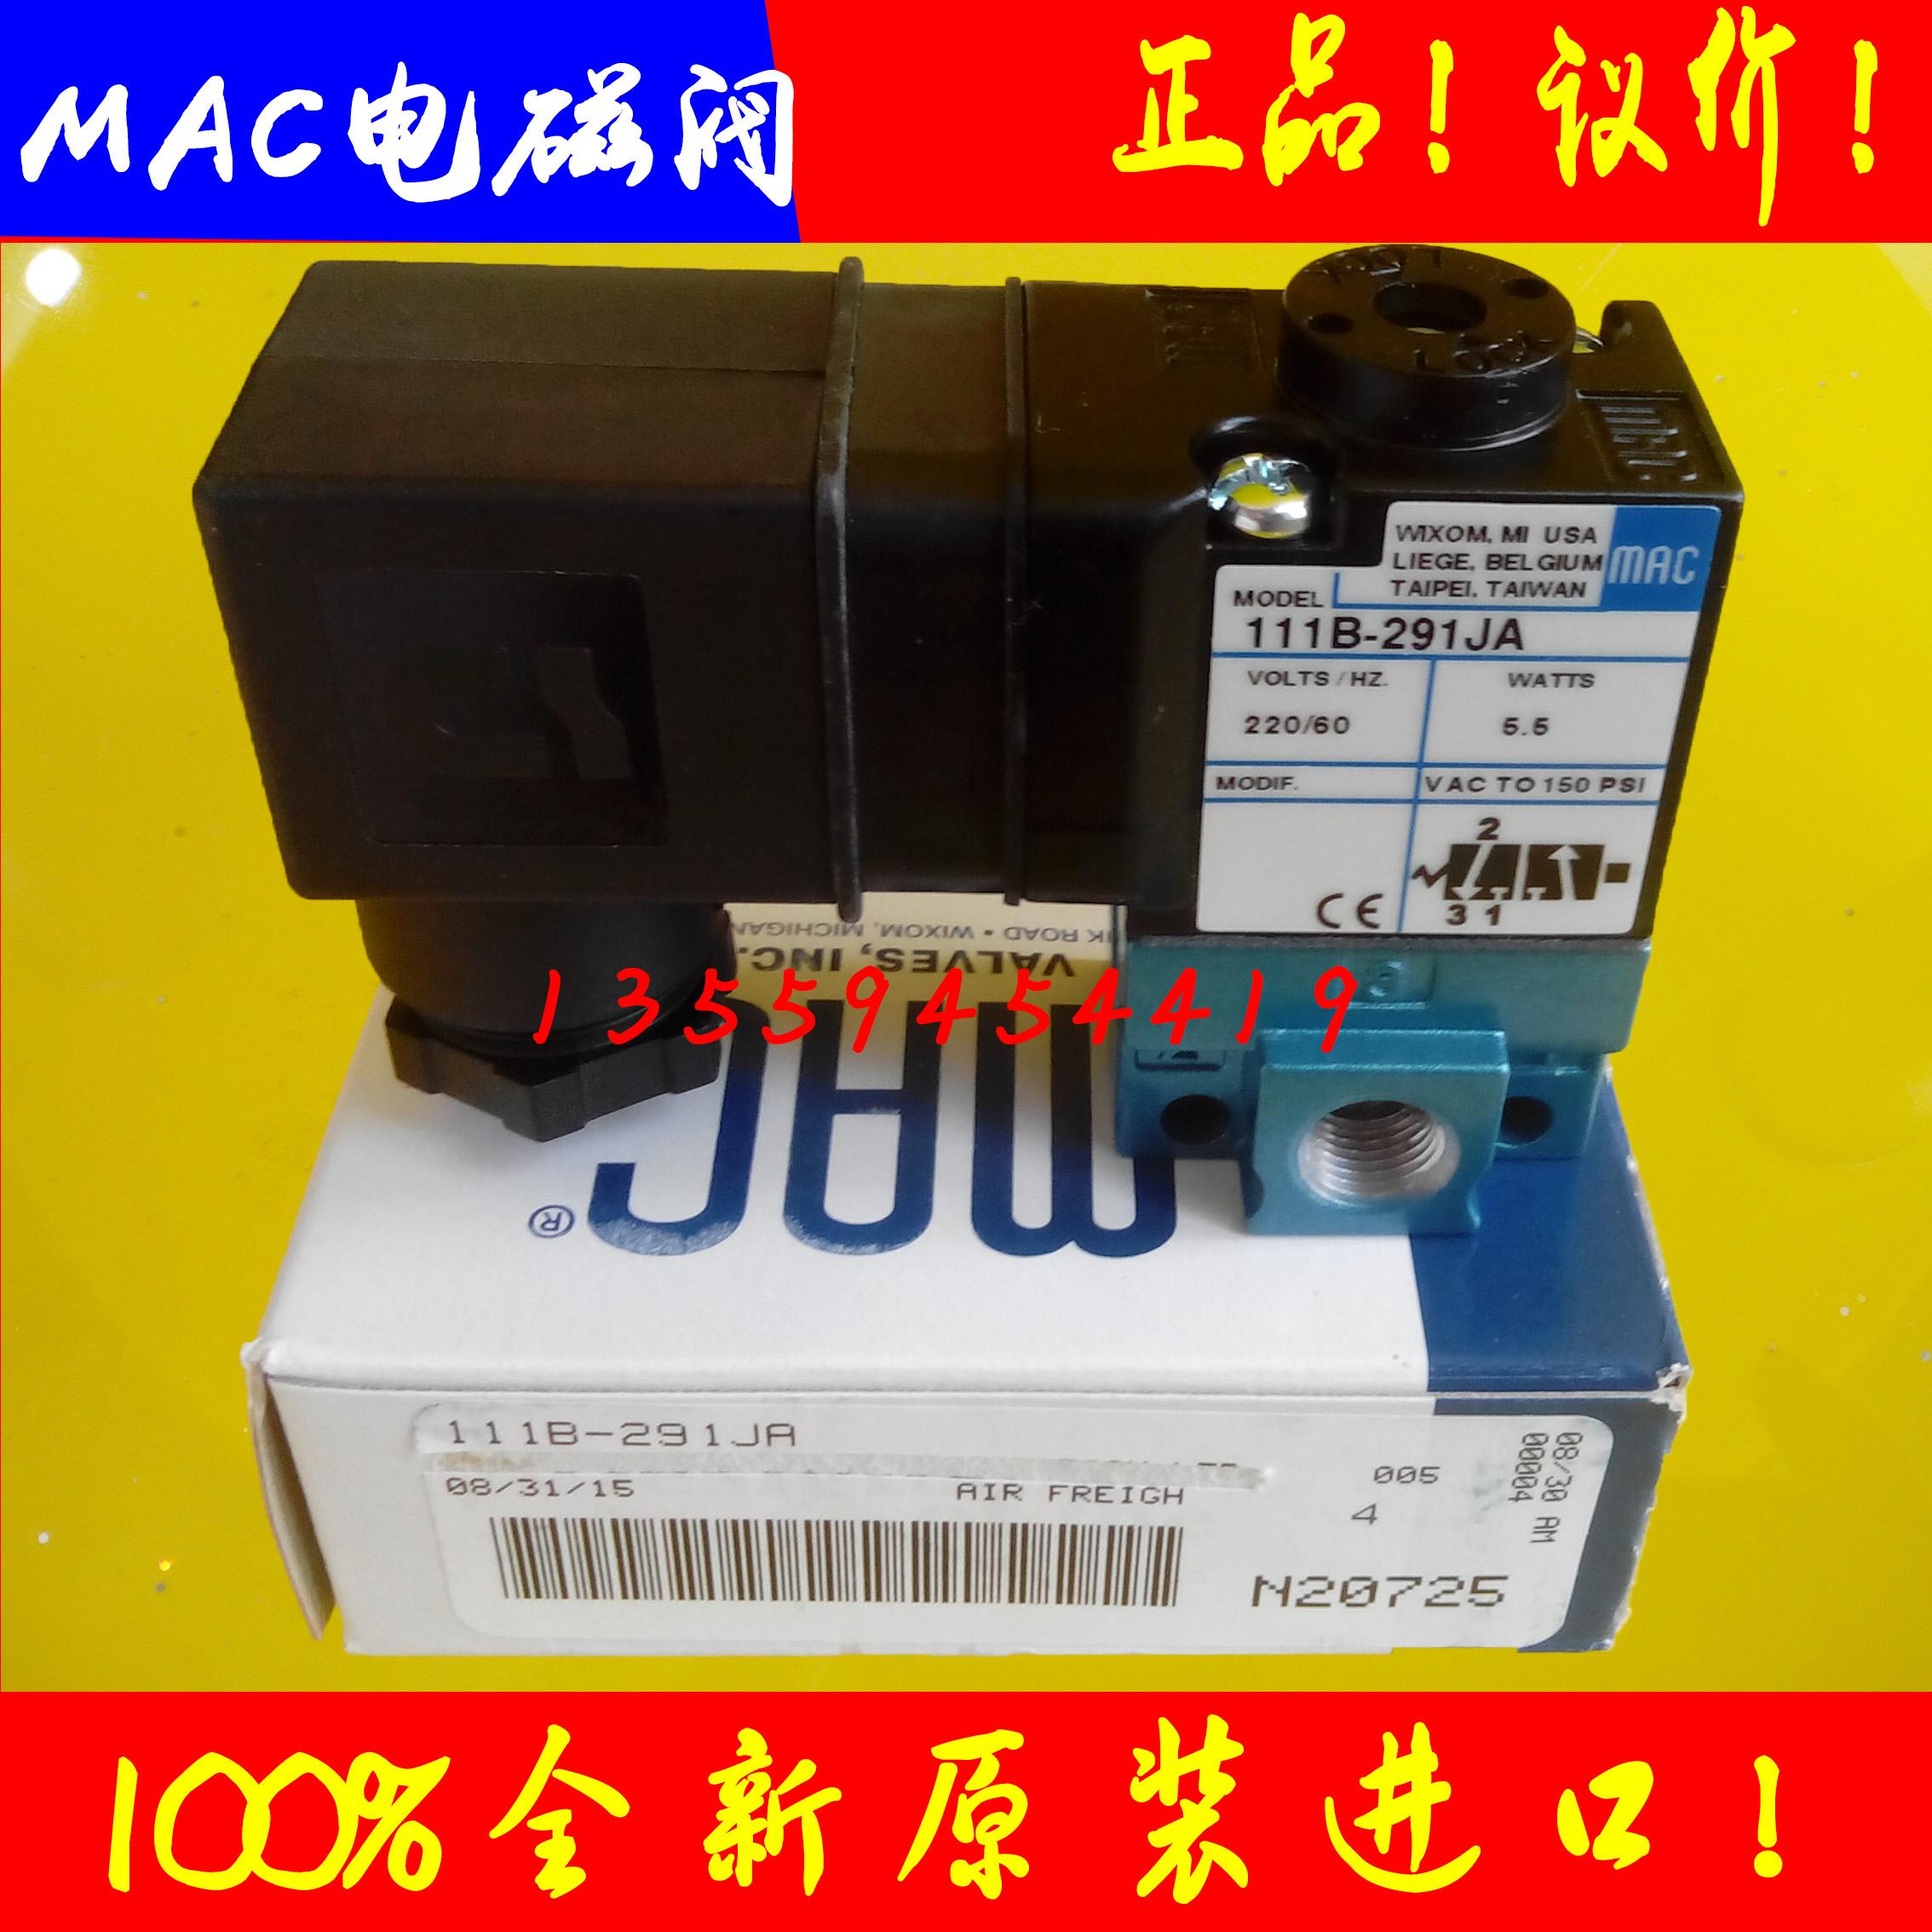 100% aitoja alkuperäinen amerikkalainen mac - solenoidiventtiili 111B-291JA rangaistuksen kymmenen spot - kauppa